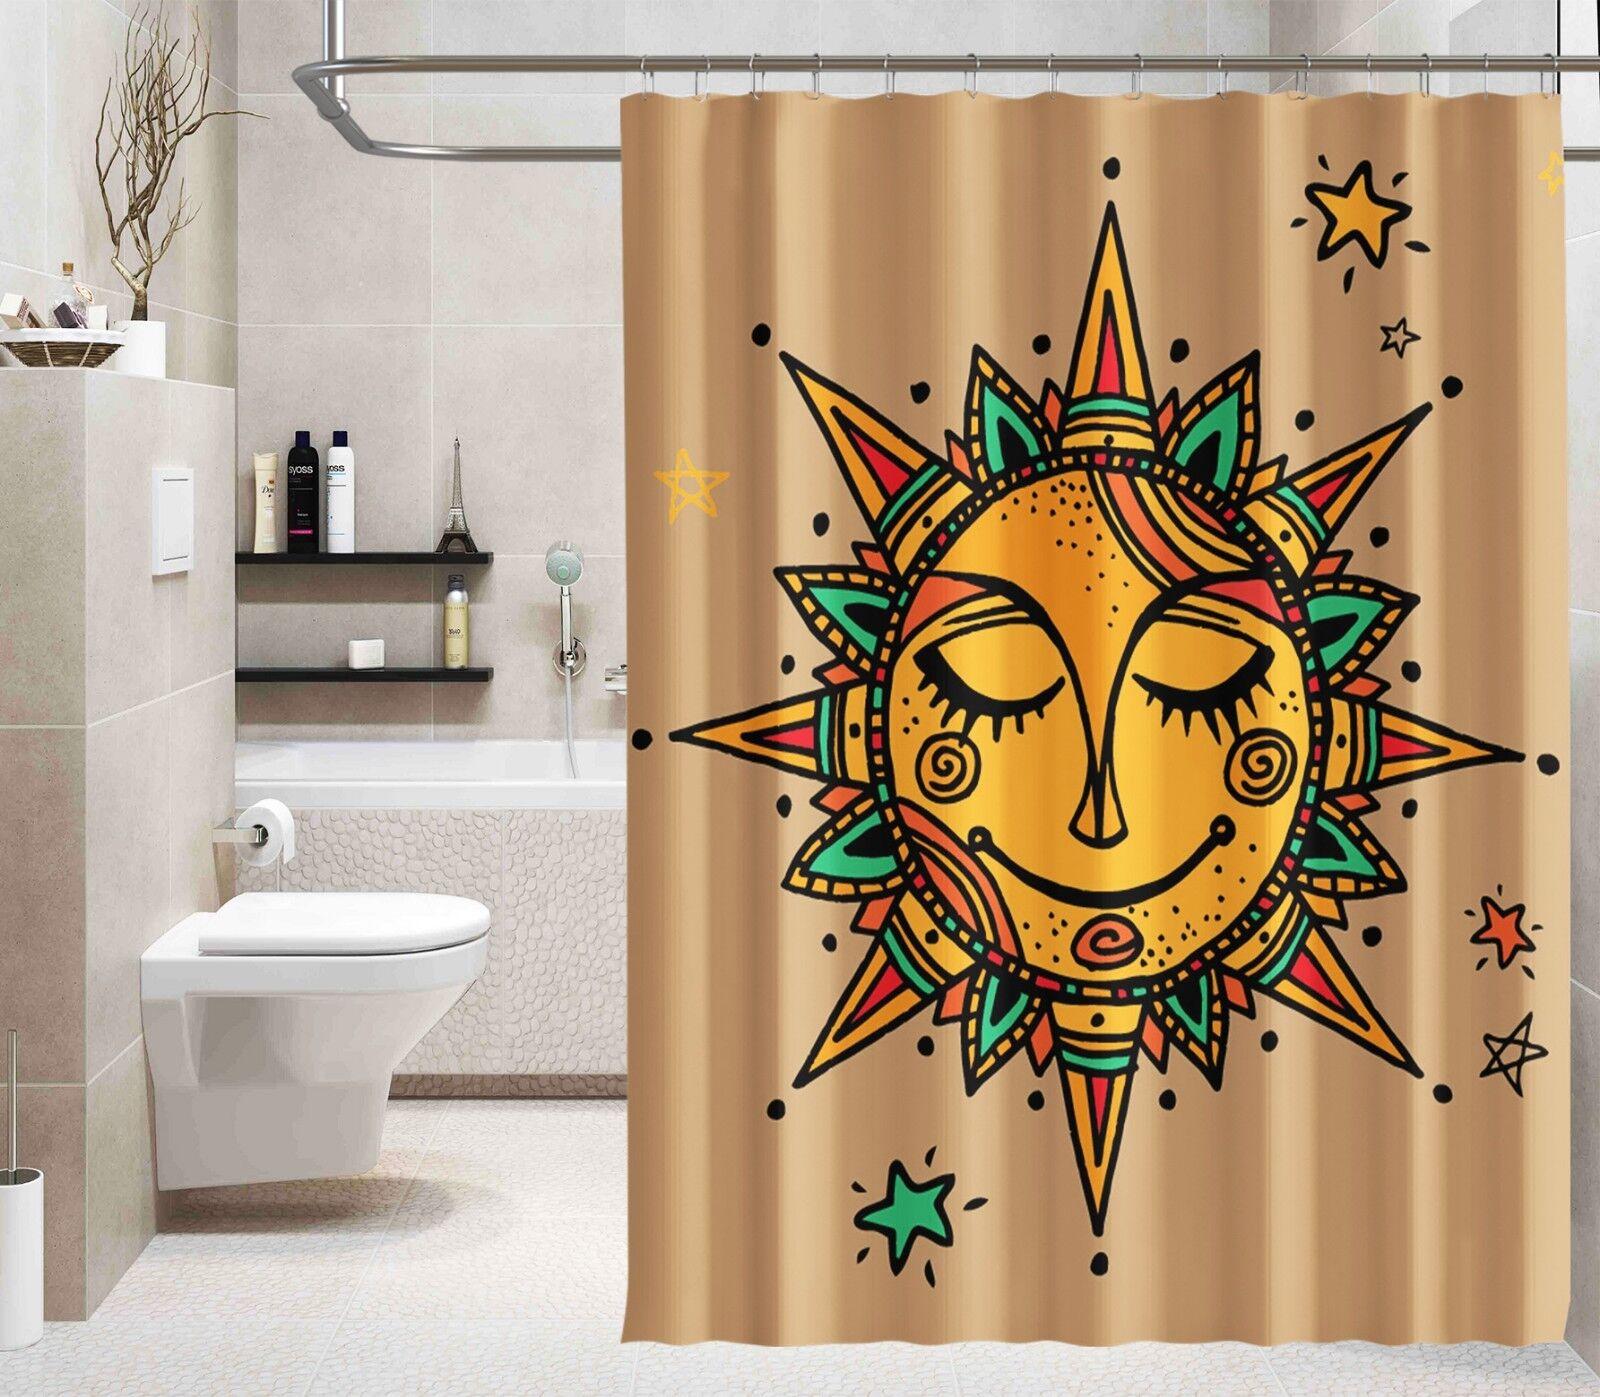 3D SUN Pattern 444 Tenda da Doccia Impermeabile Bagno IN FIBRA CASA FINESTRE WC